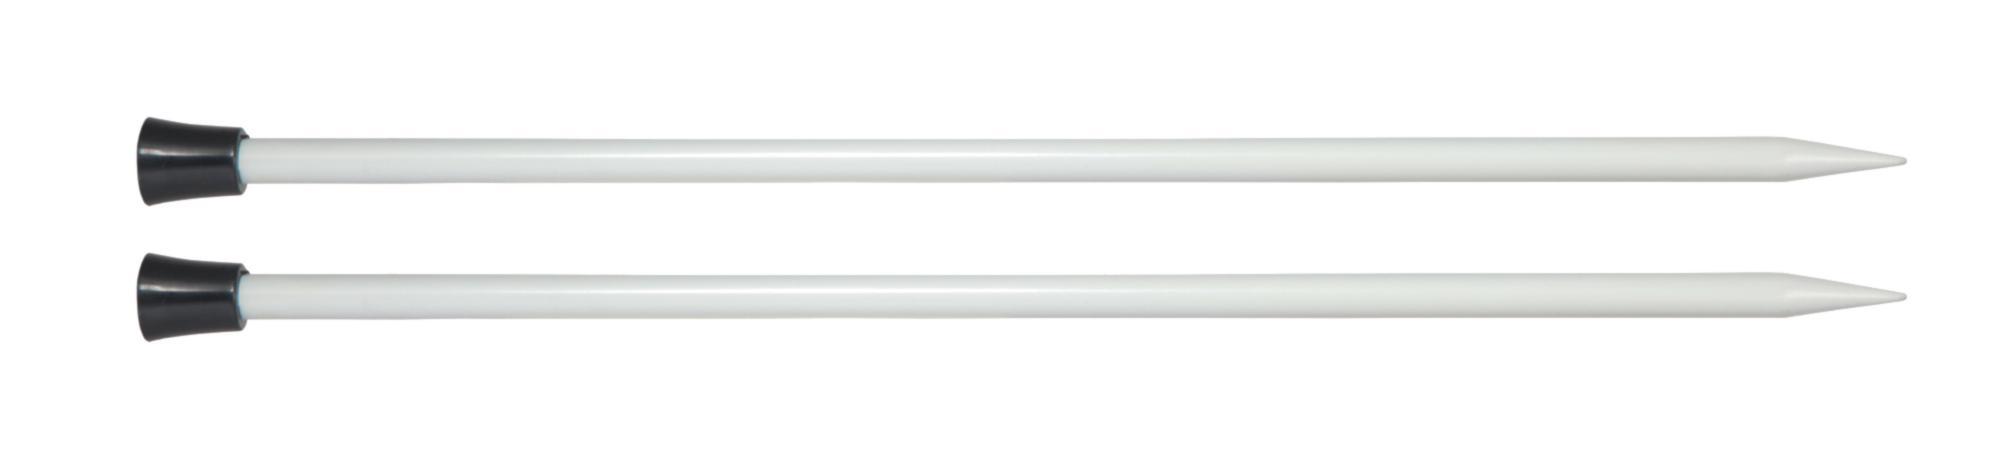 Спицы прямые 25 см Basix Aluminium KnitPro, 45203, 3.50 мм